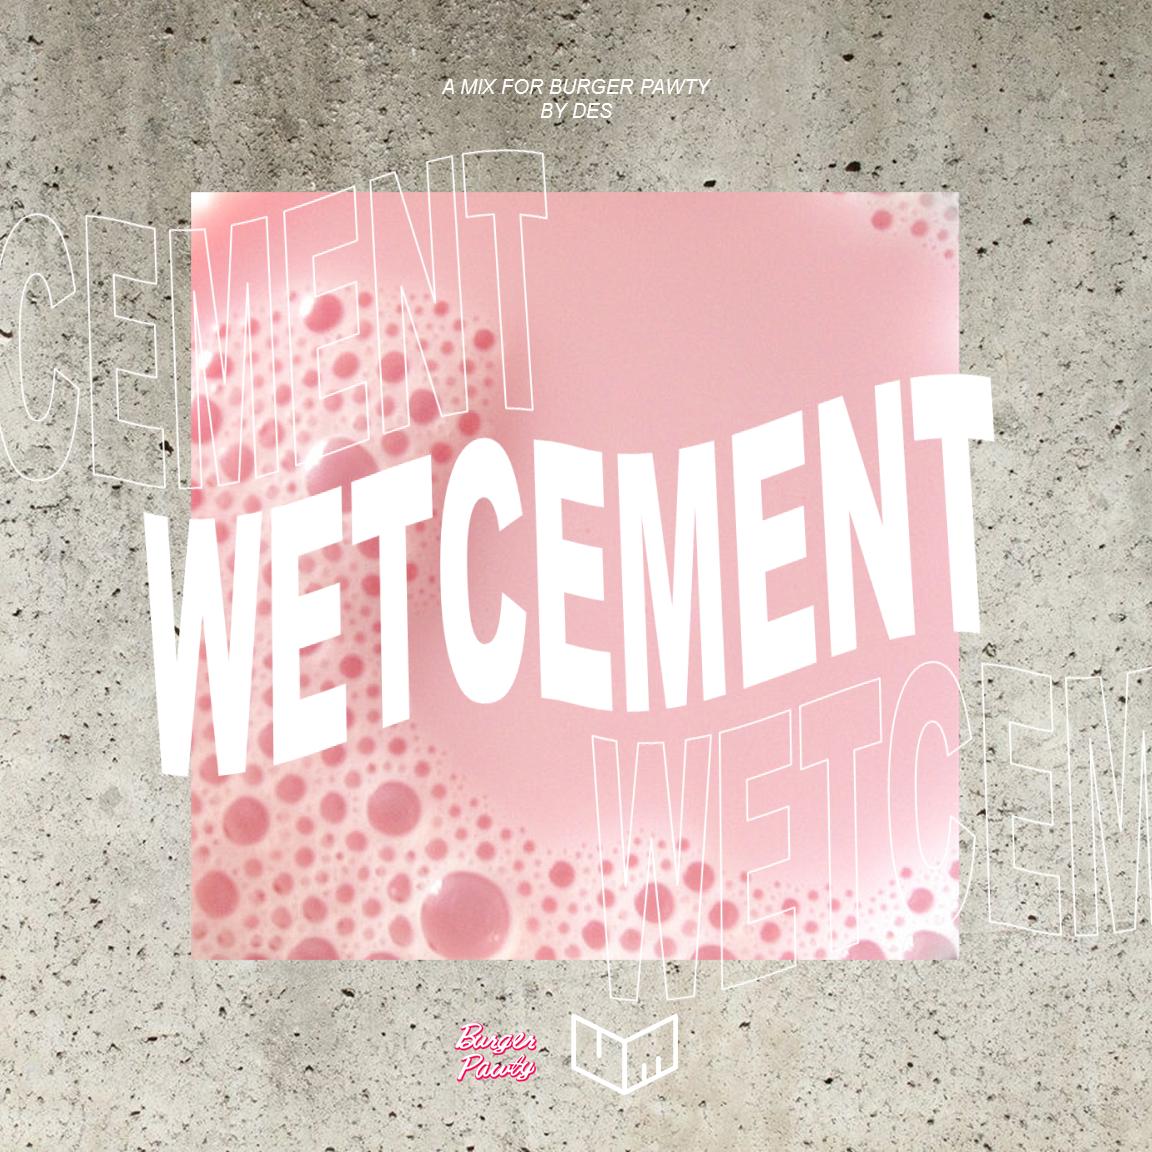 DES - WETCEMENT.png